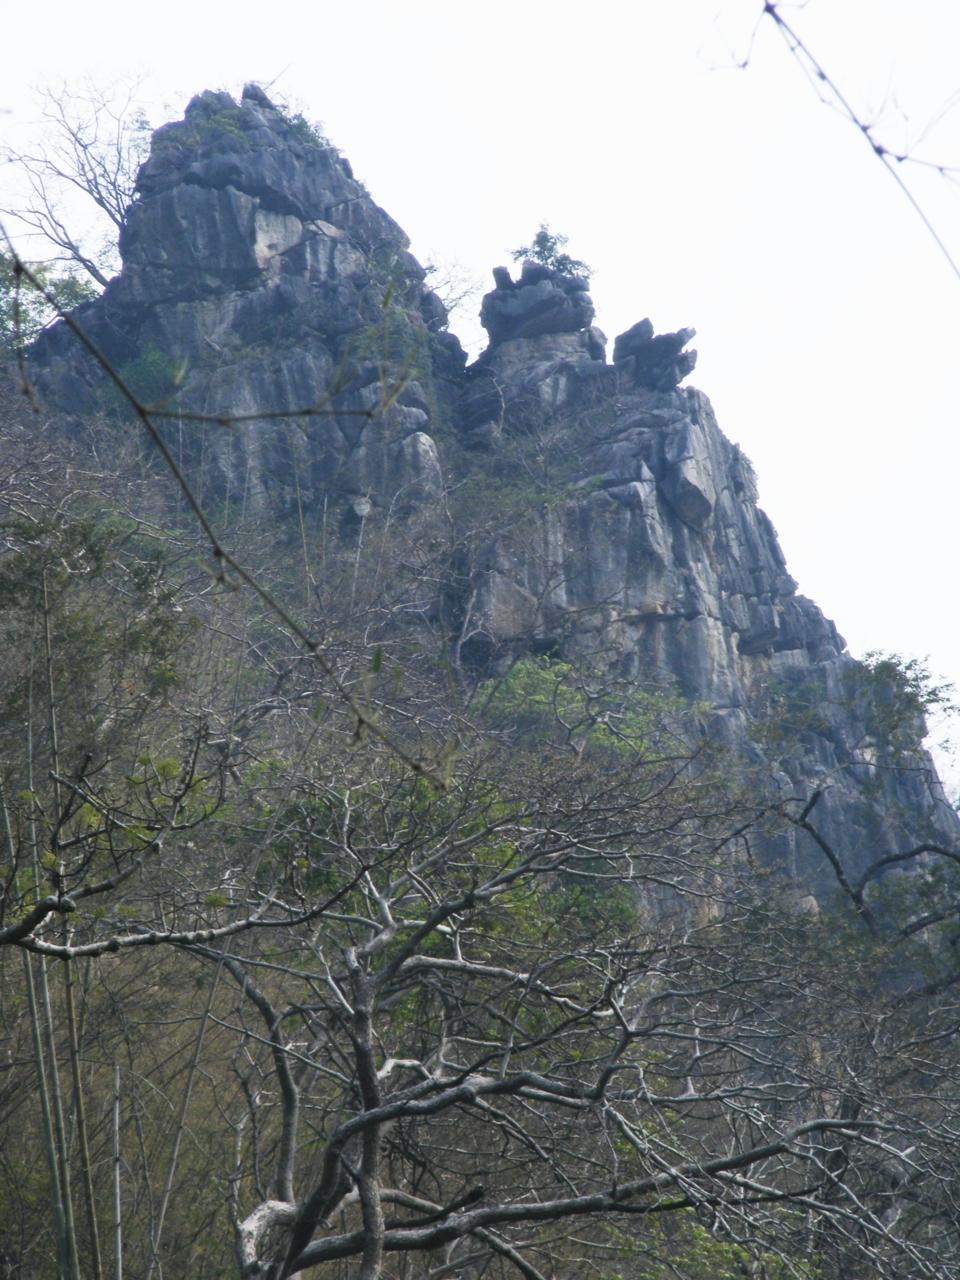 DSCF3385บนยอดเขาอีกลูกในแนวเทือกเดียวกันรูปร่างแปลกตาดี